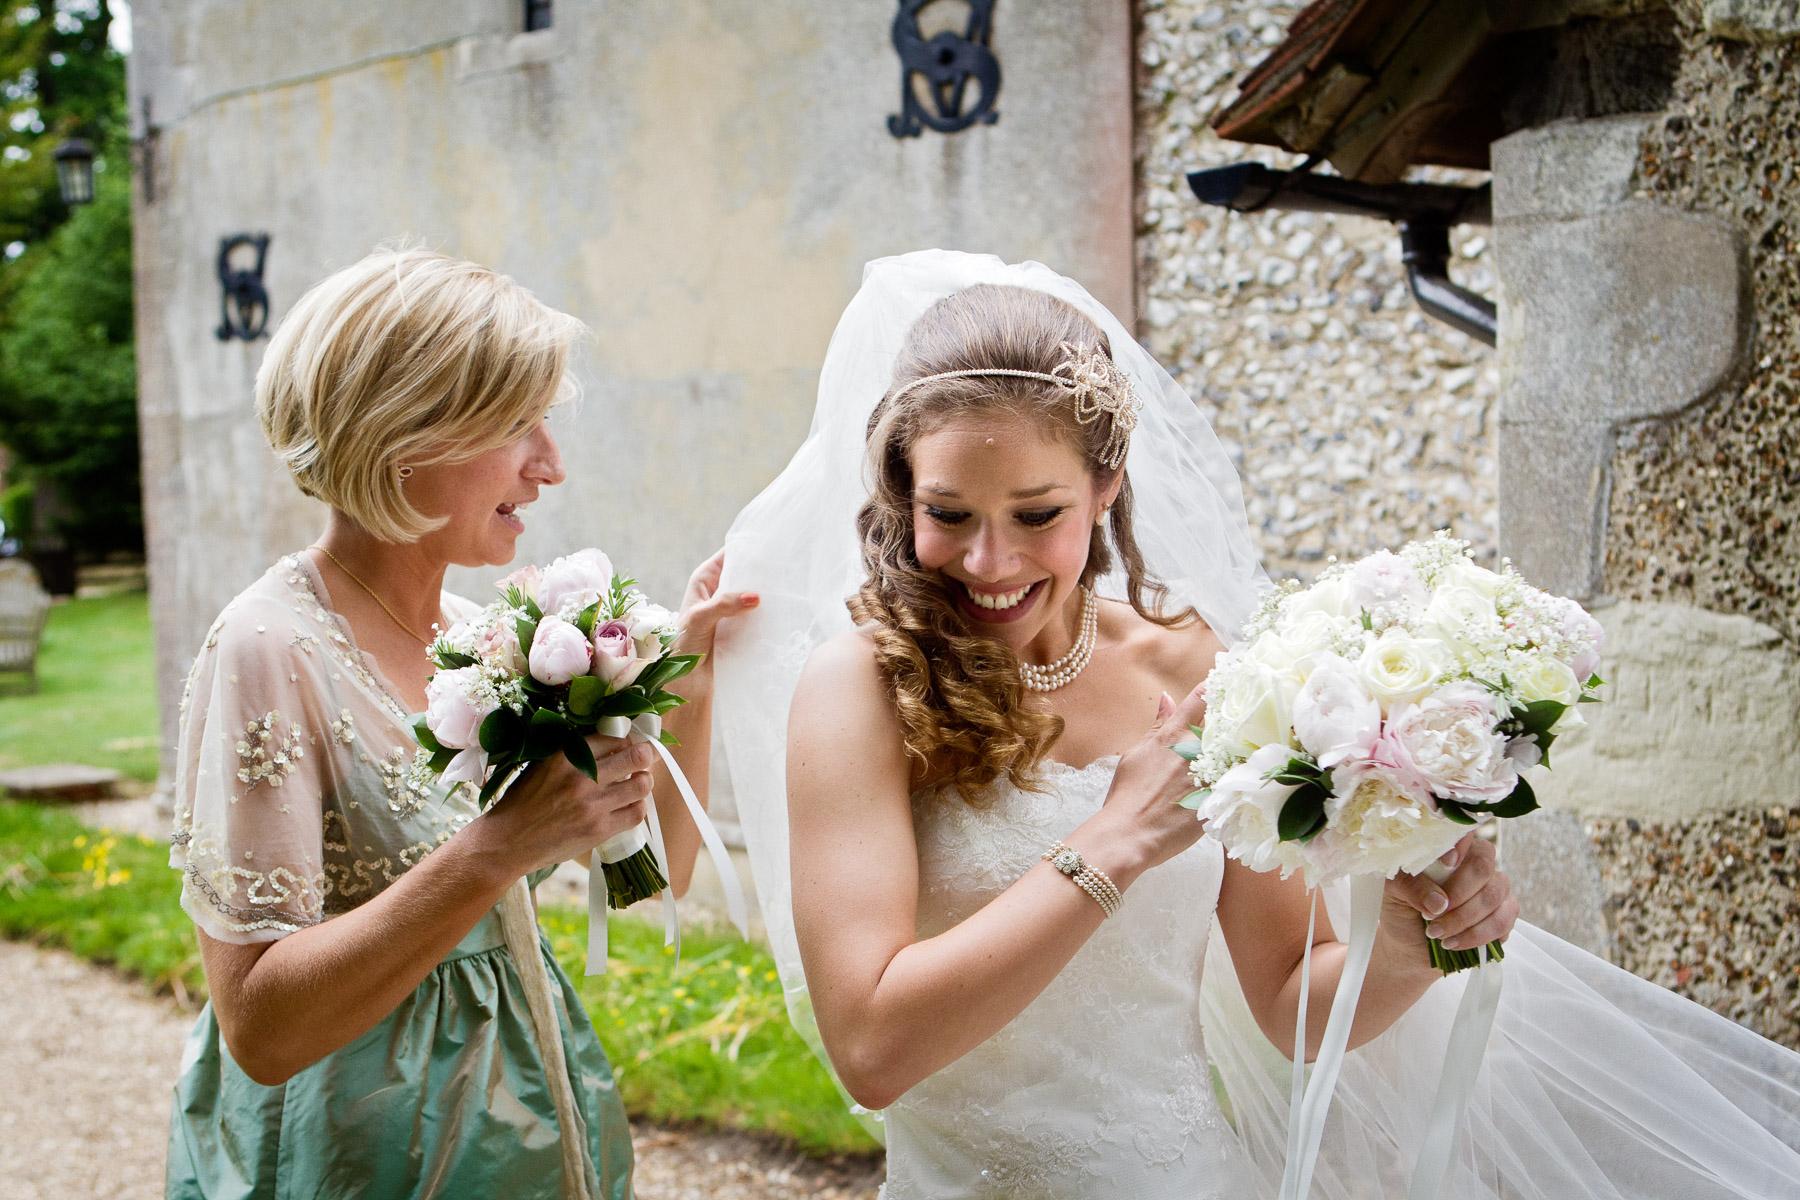 wedding portfolio 25-09-17  011.jpg